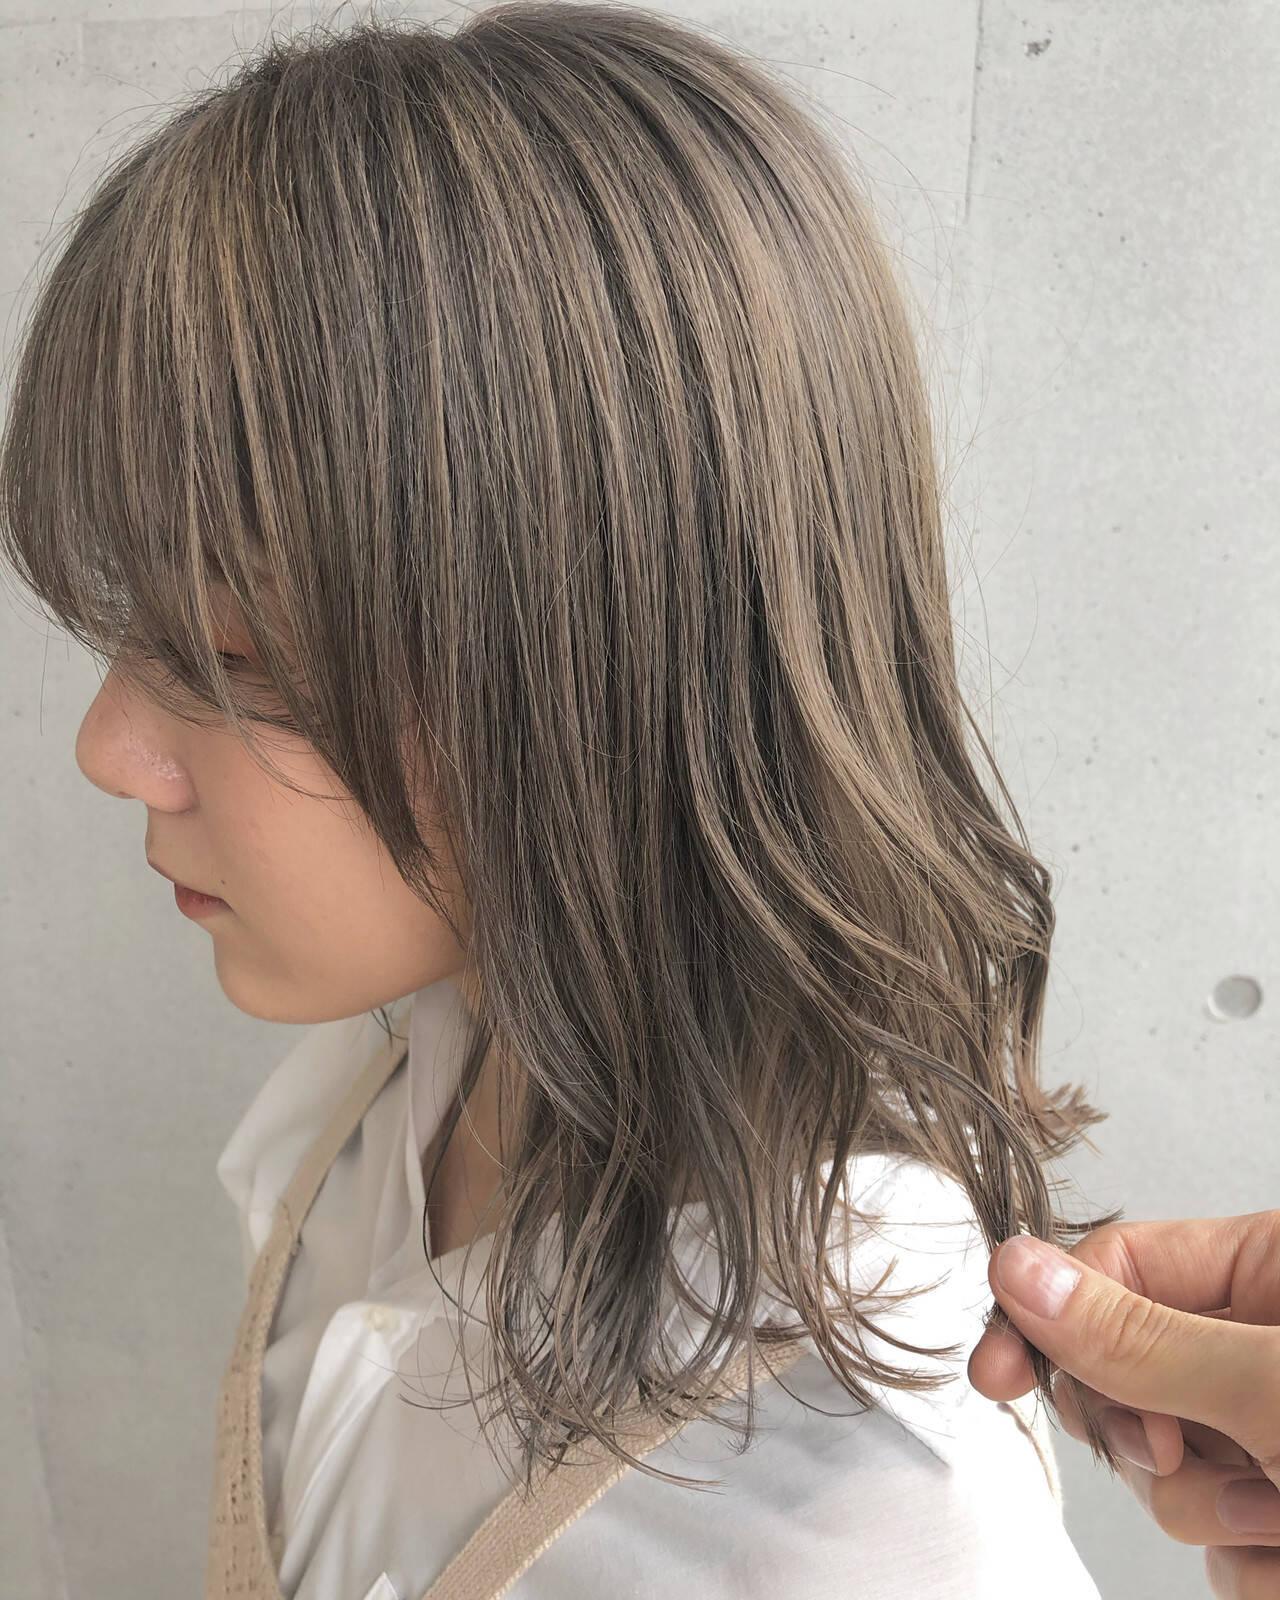 ナチュラル ミルクティーベージュ ミディアム ラベンダーグレージュヘアスタイルや髪型の写真・画像